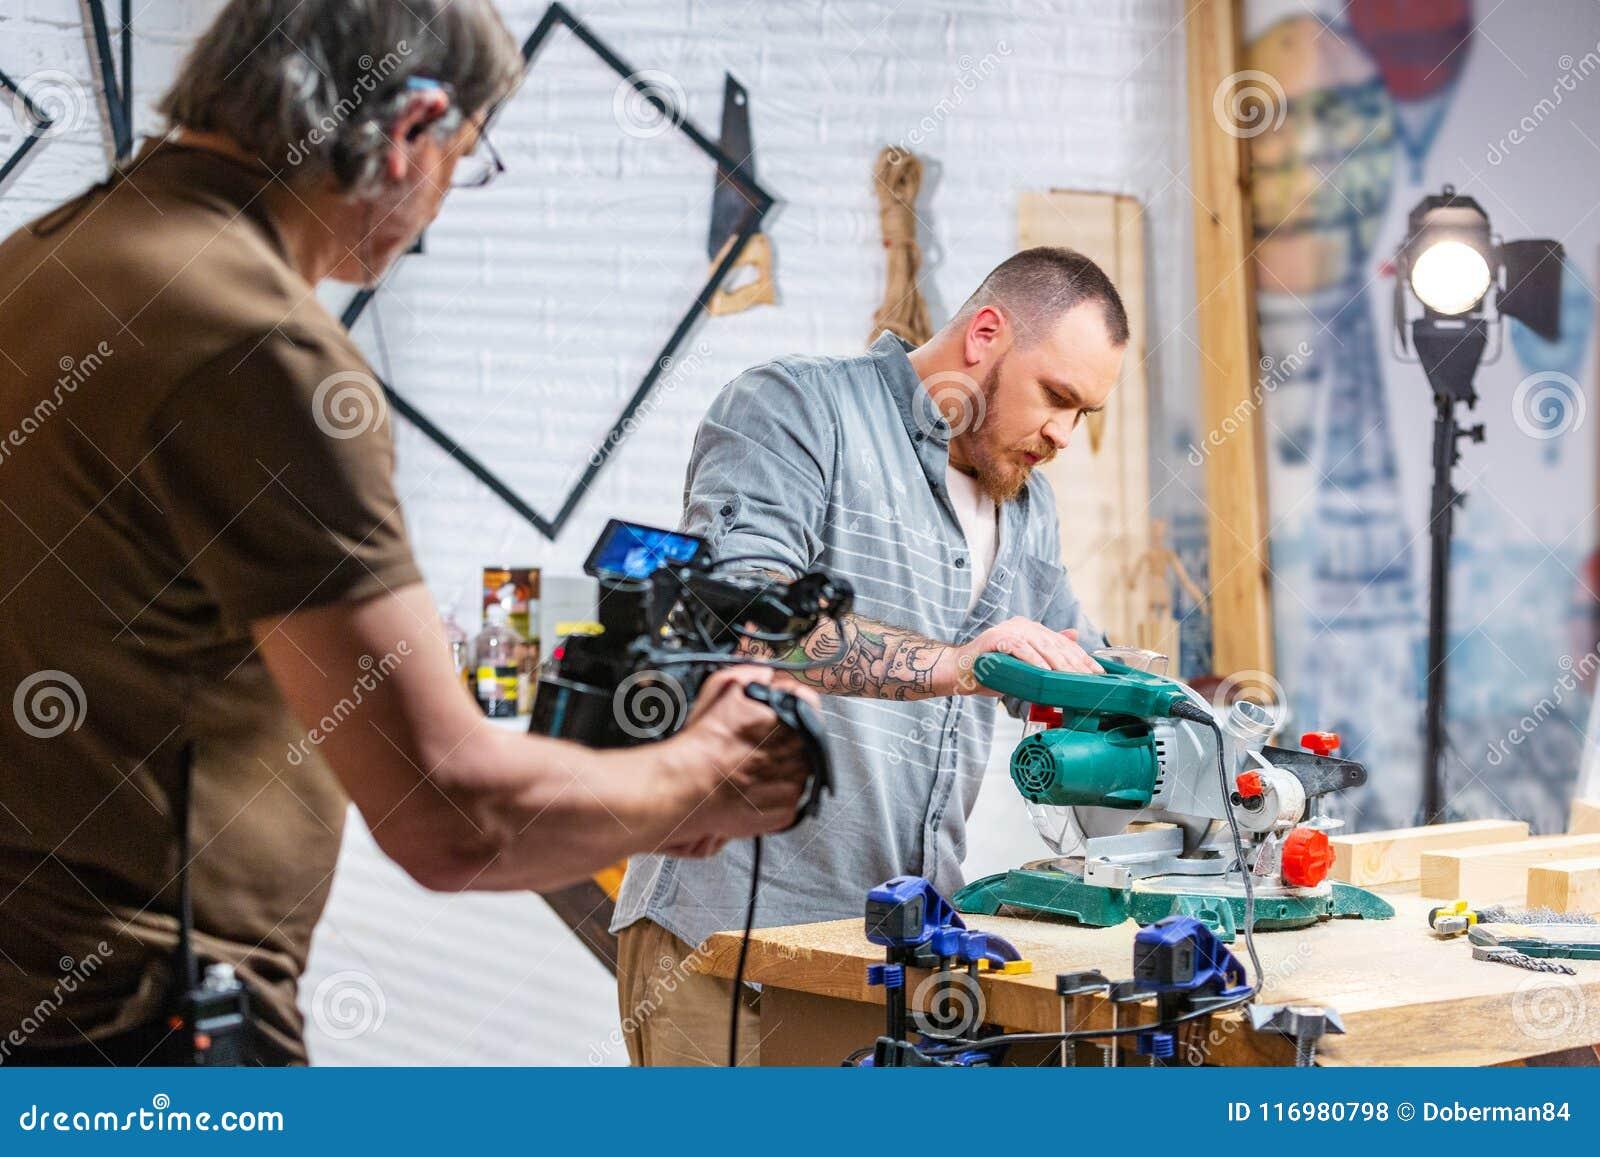 Bak platserna av produktion för video skytte för kamerautrustning den fastställda platsen med arbetaren